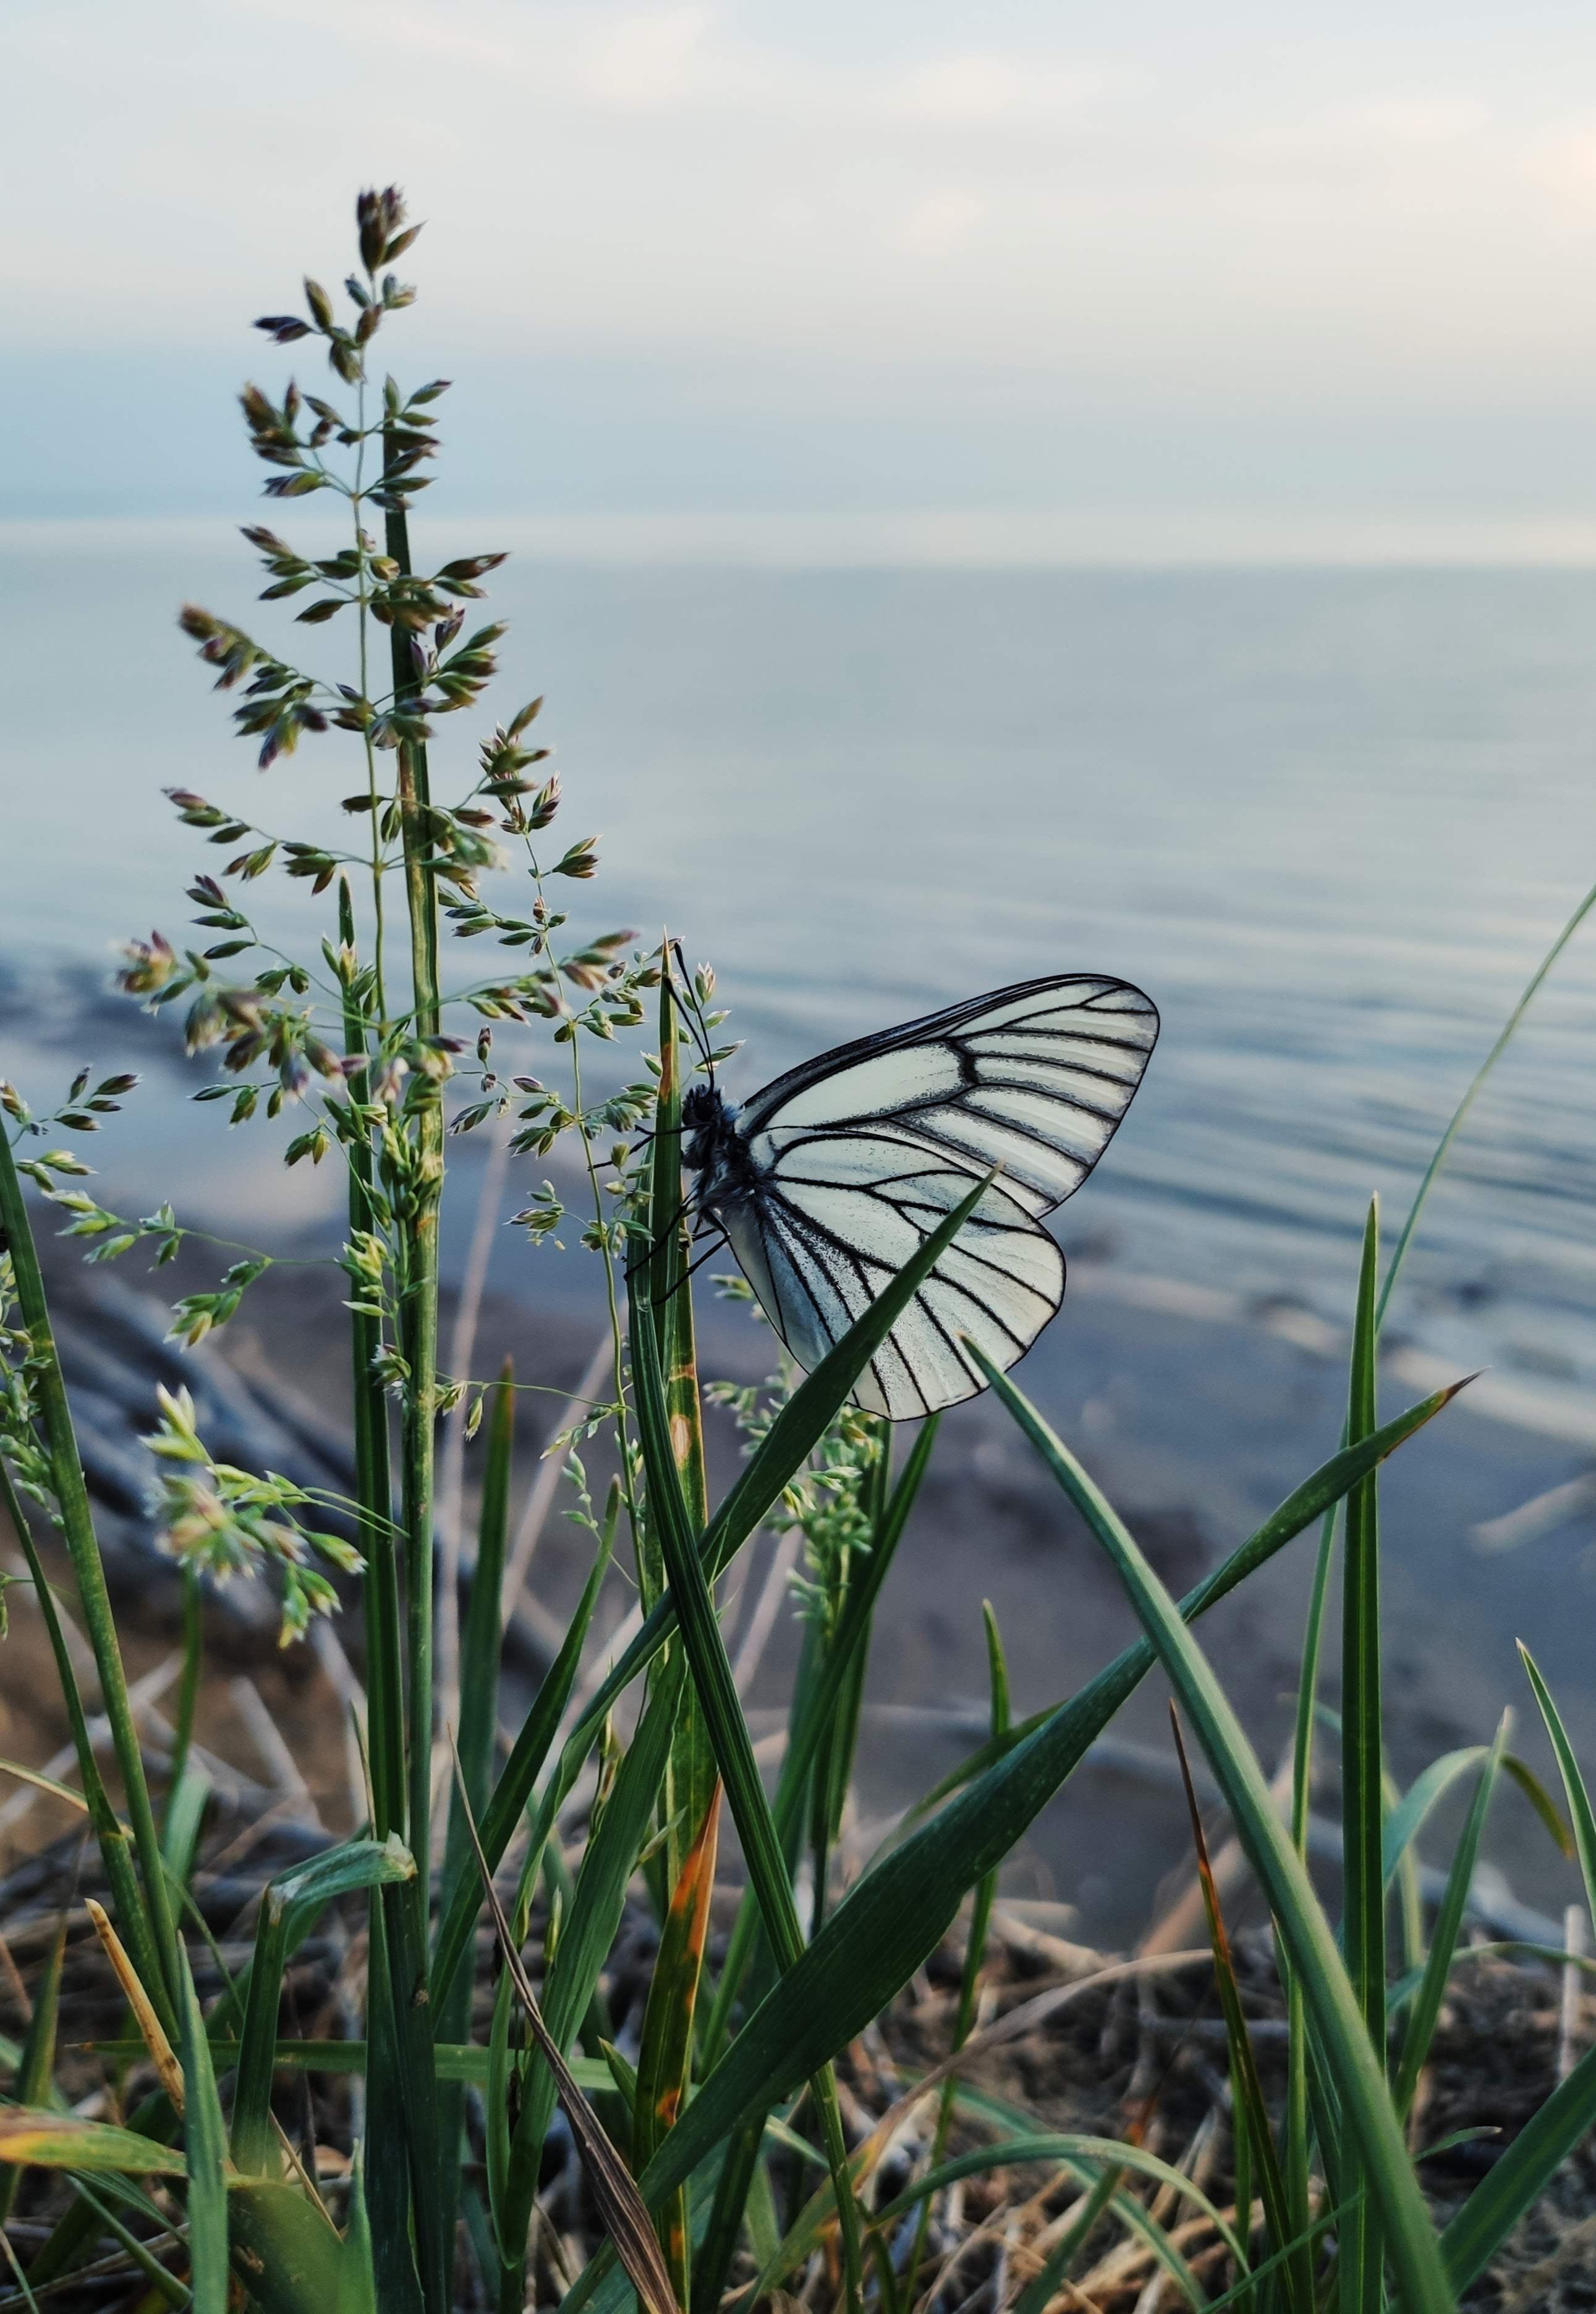 手機的95624屏保和壁紙昆虫。 免費下載 宏, 蝴蝶, 草, 昆虫, 白色的 圖片